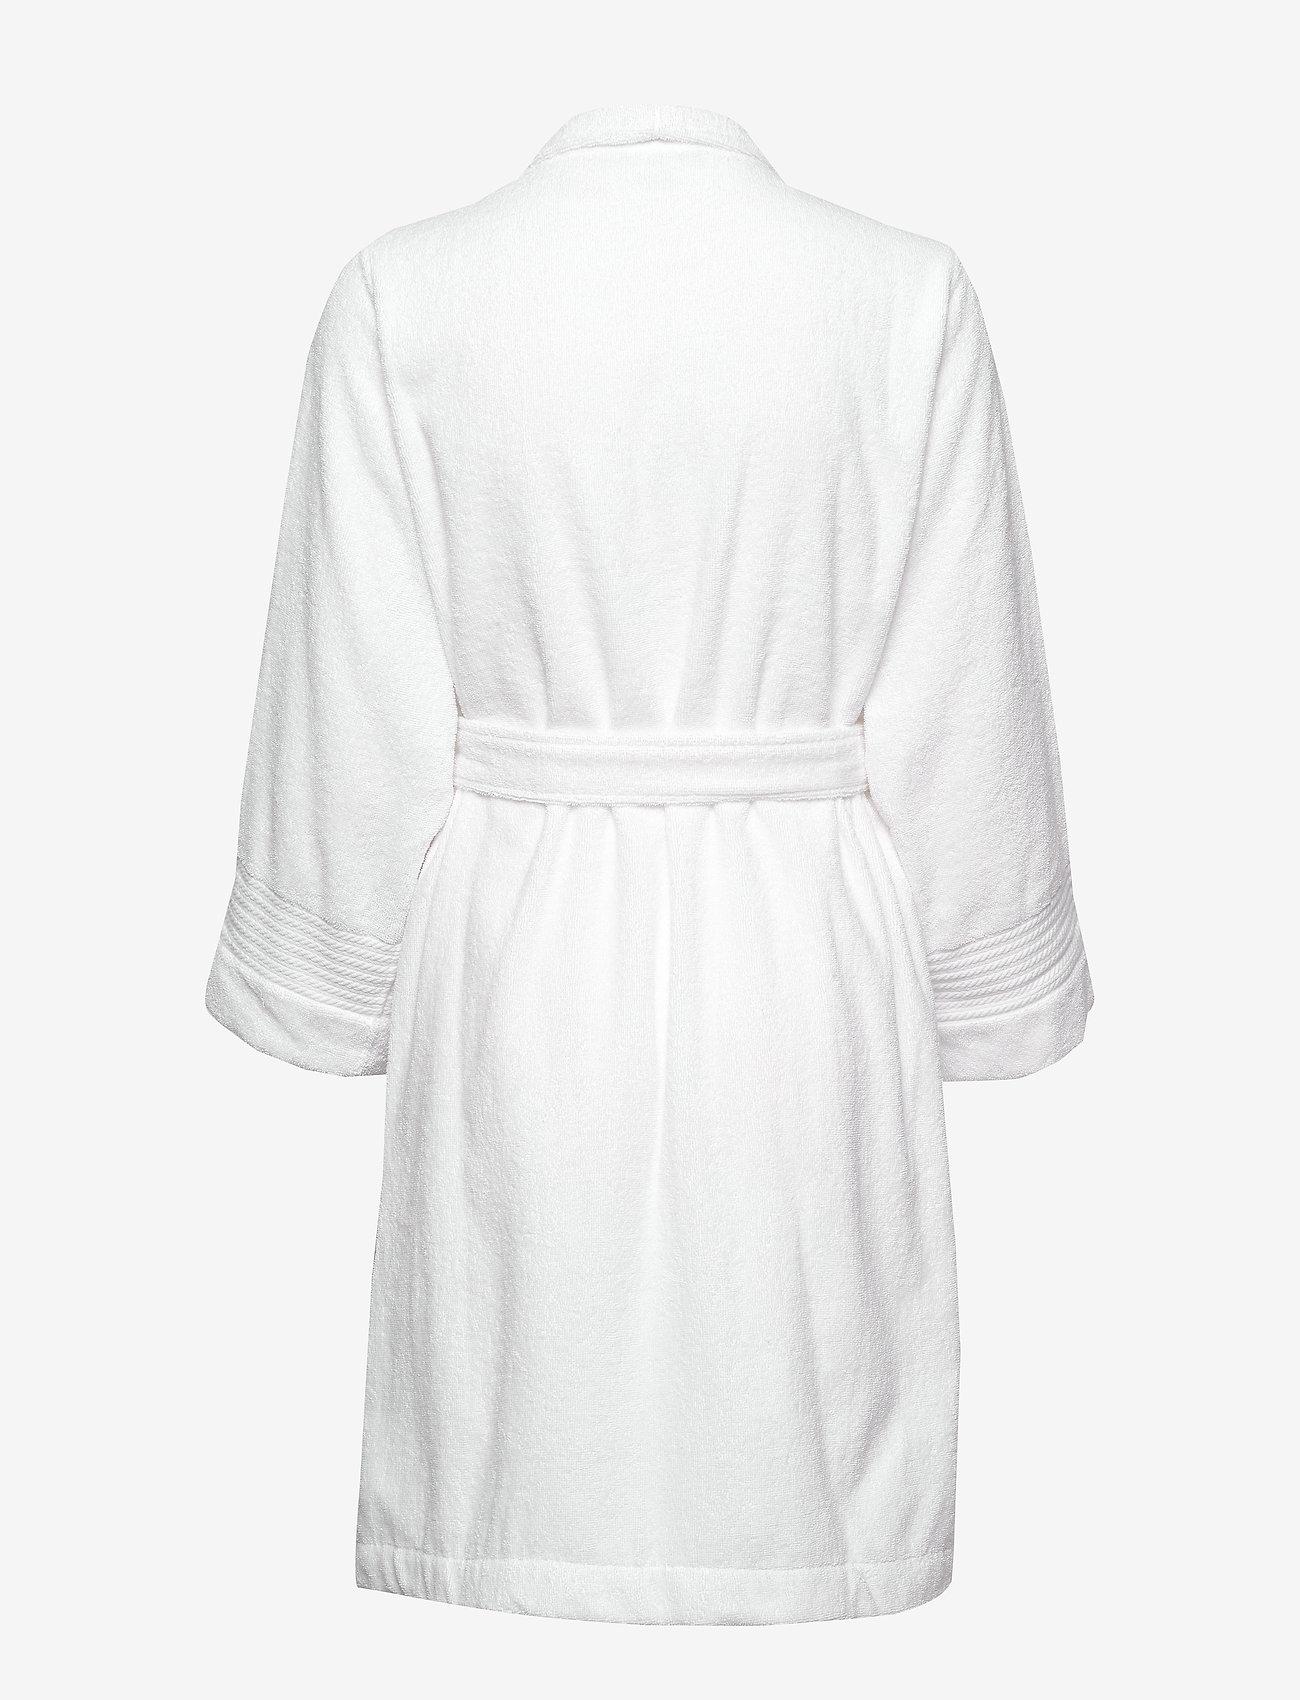 Lauren Ralph Lauren Homewear - LRL ESSENTIAL THE GREENWICH ROBE - morgenkåper - white